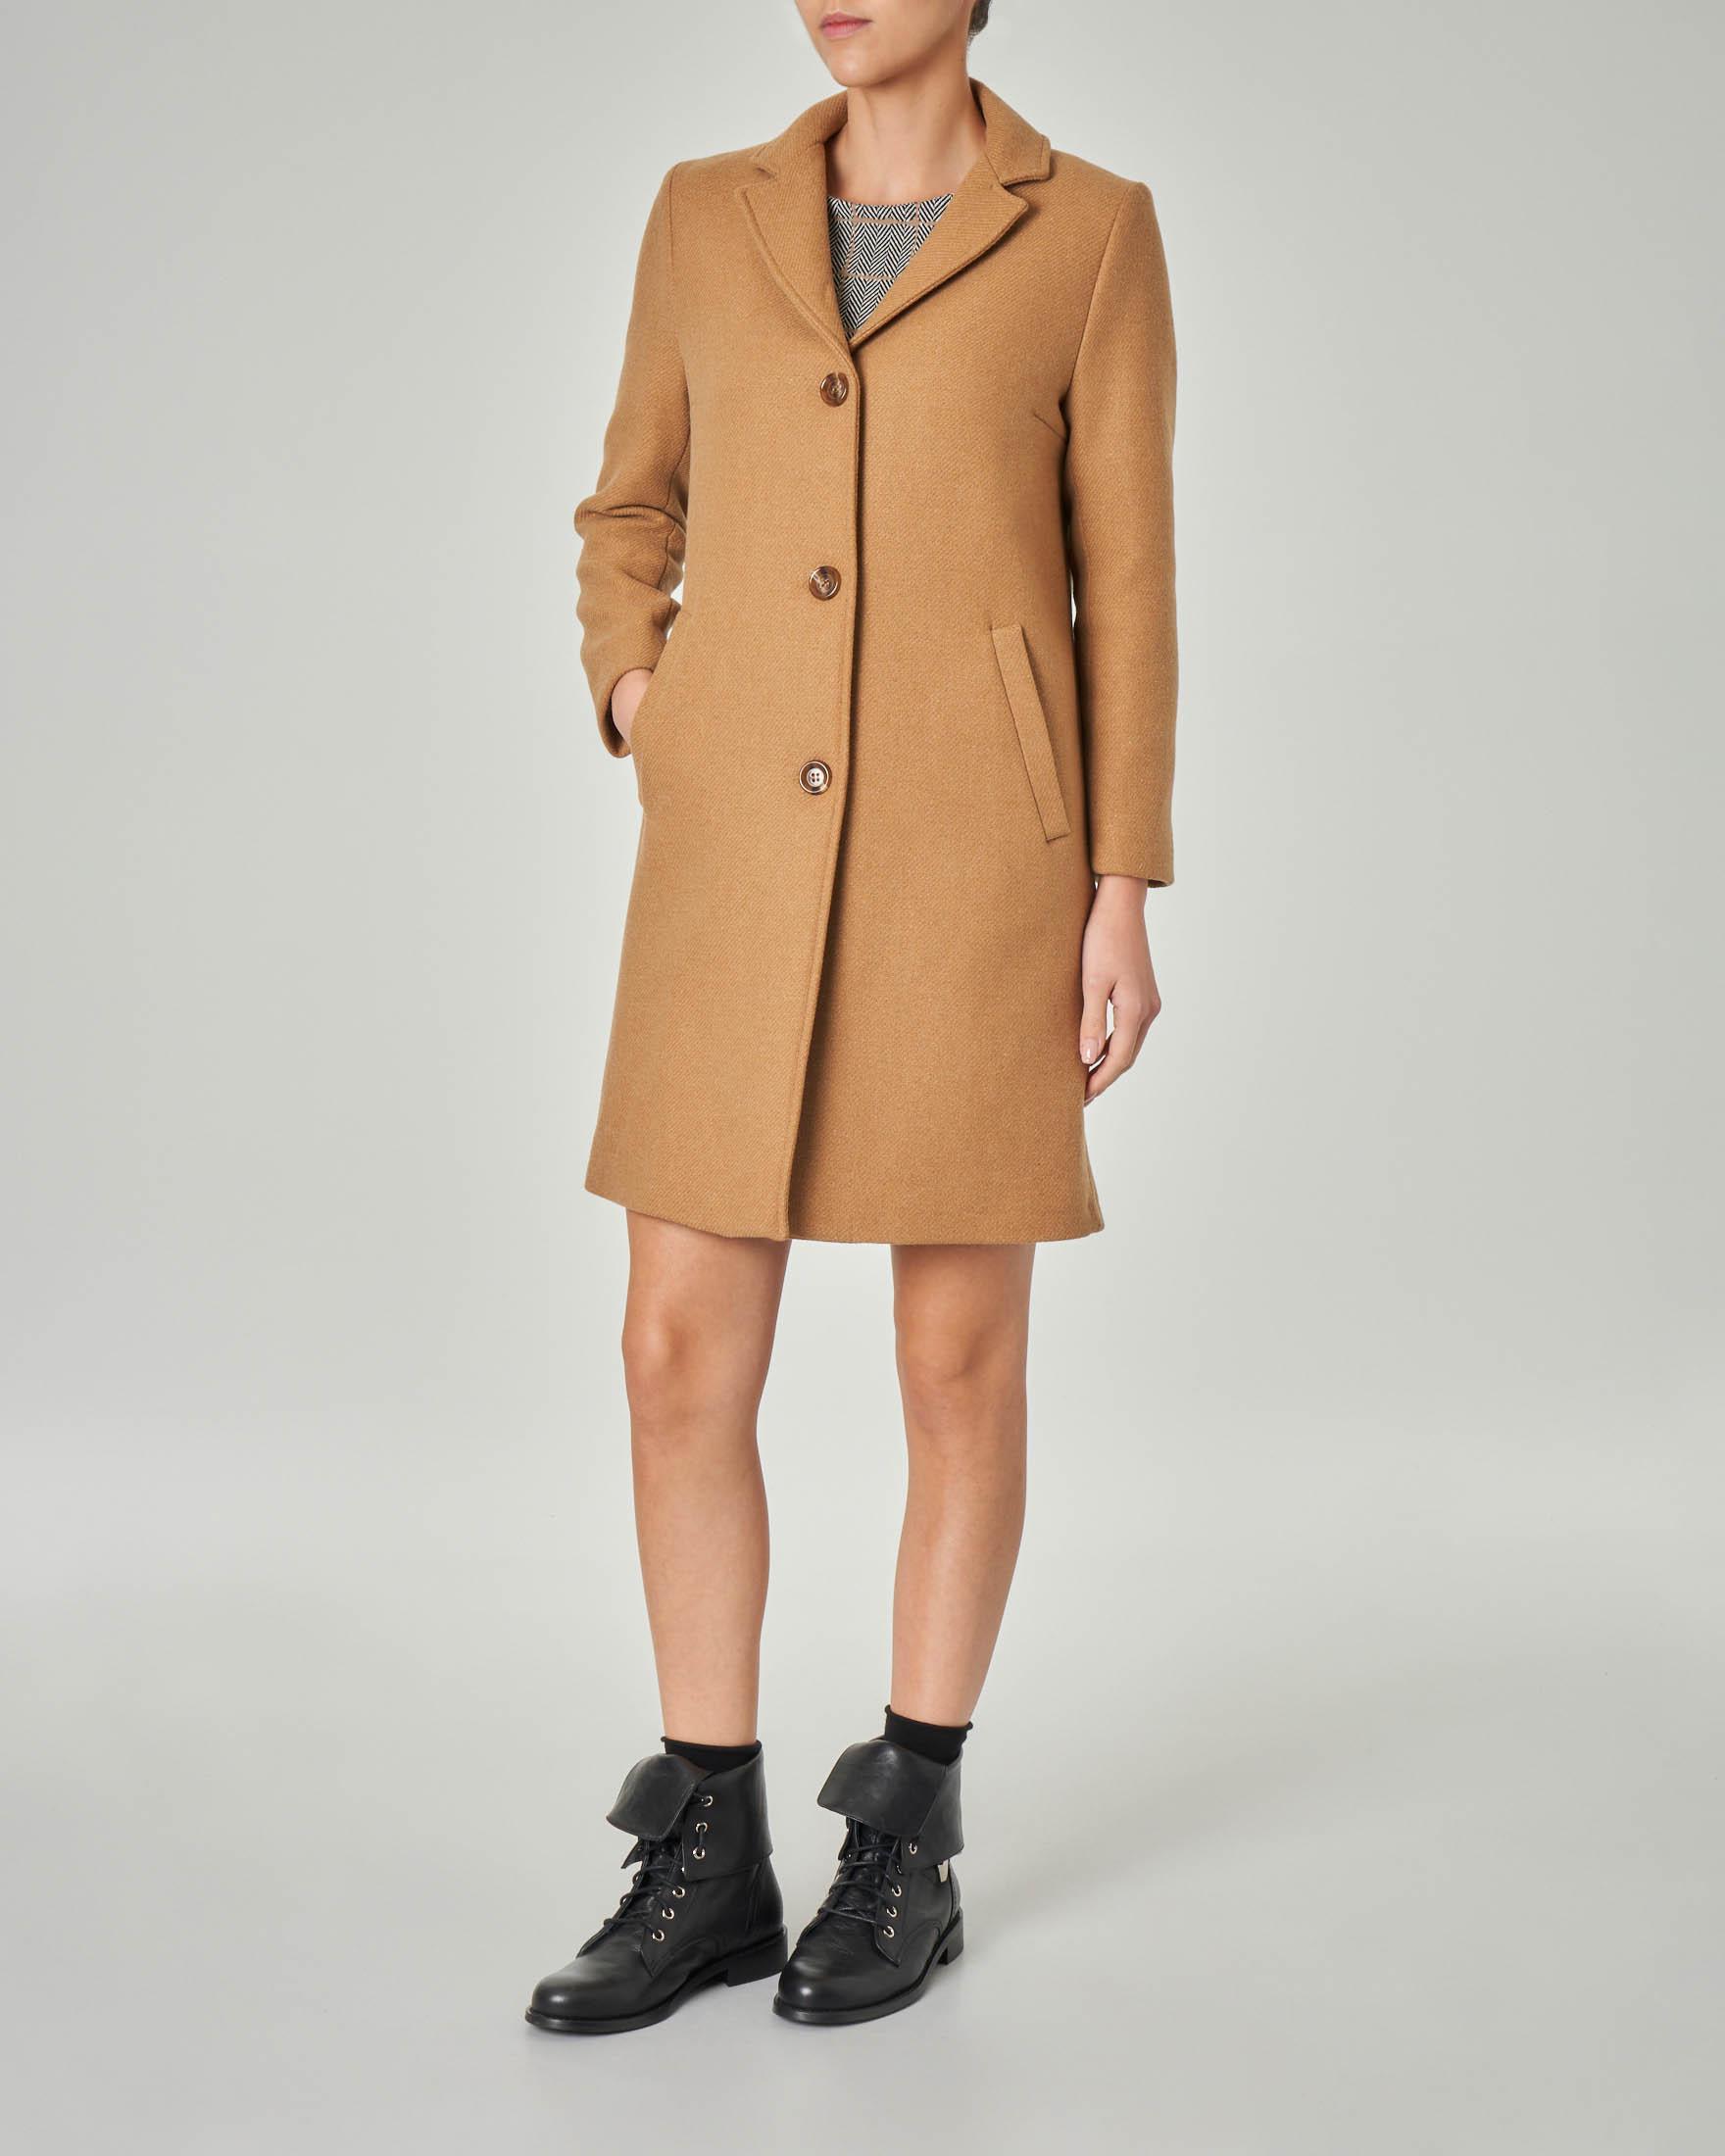 Cappottino in misto lana color cammello con collo a rever